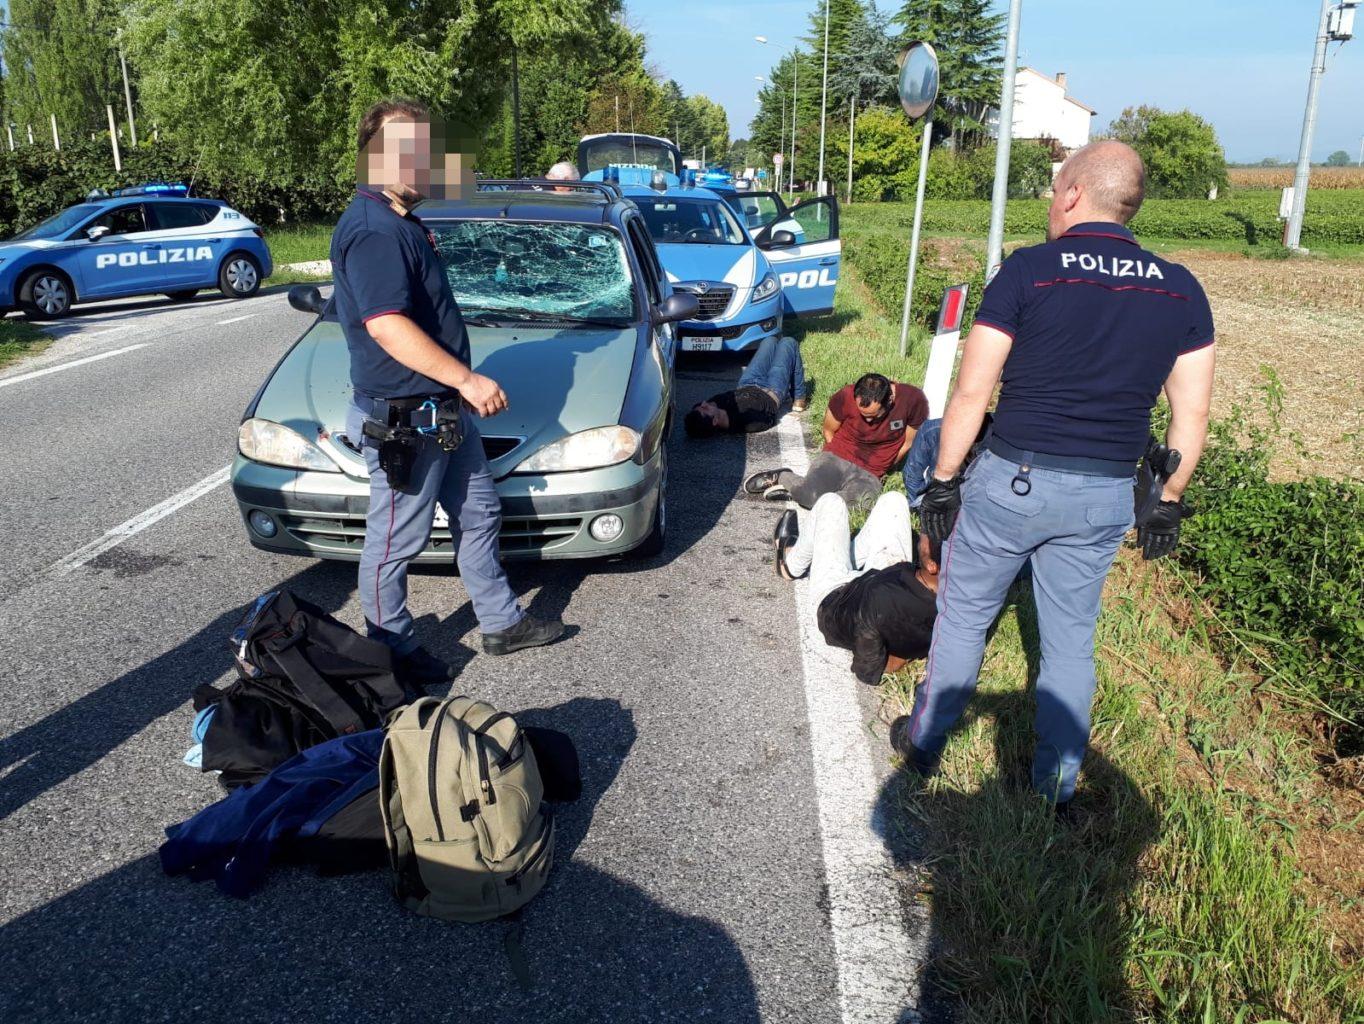 Sap Polizia arresto trafficanti clandestini passeur